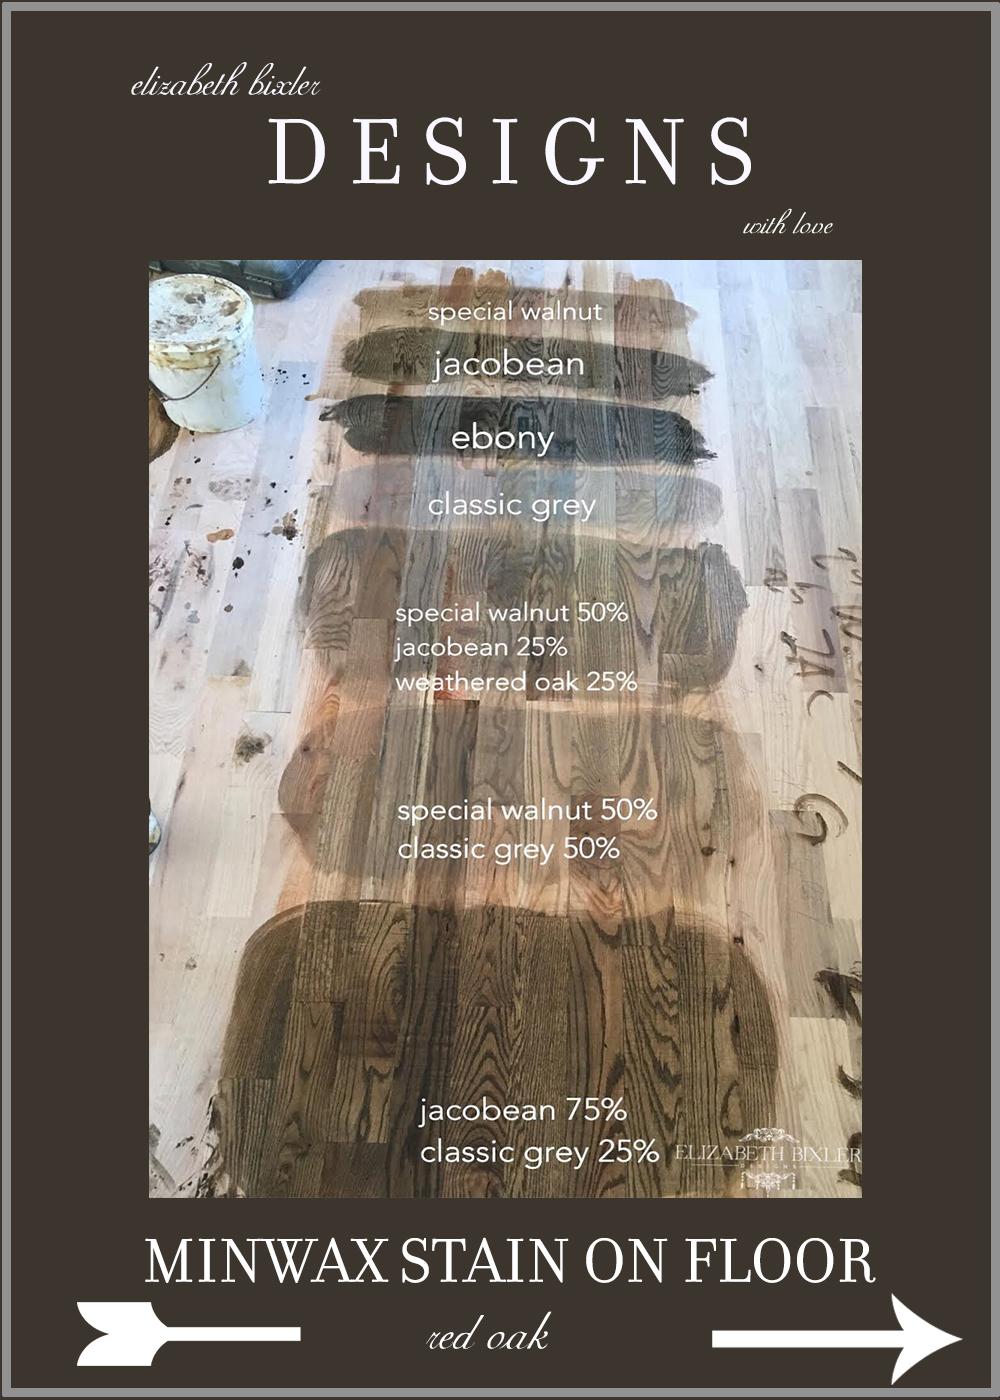 Minwax Stain On Red Oak Floors And Douglas Fir Match